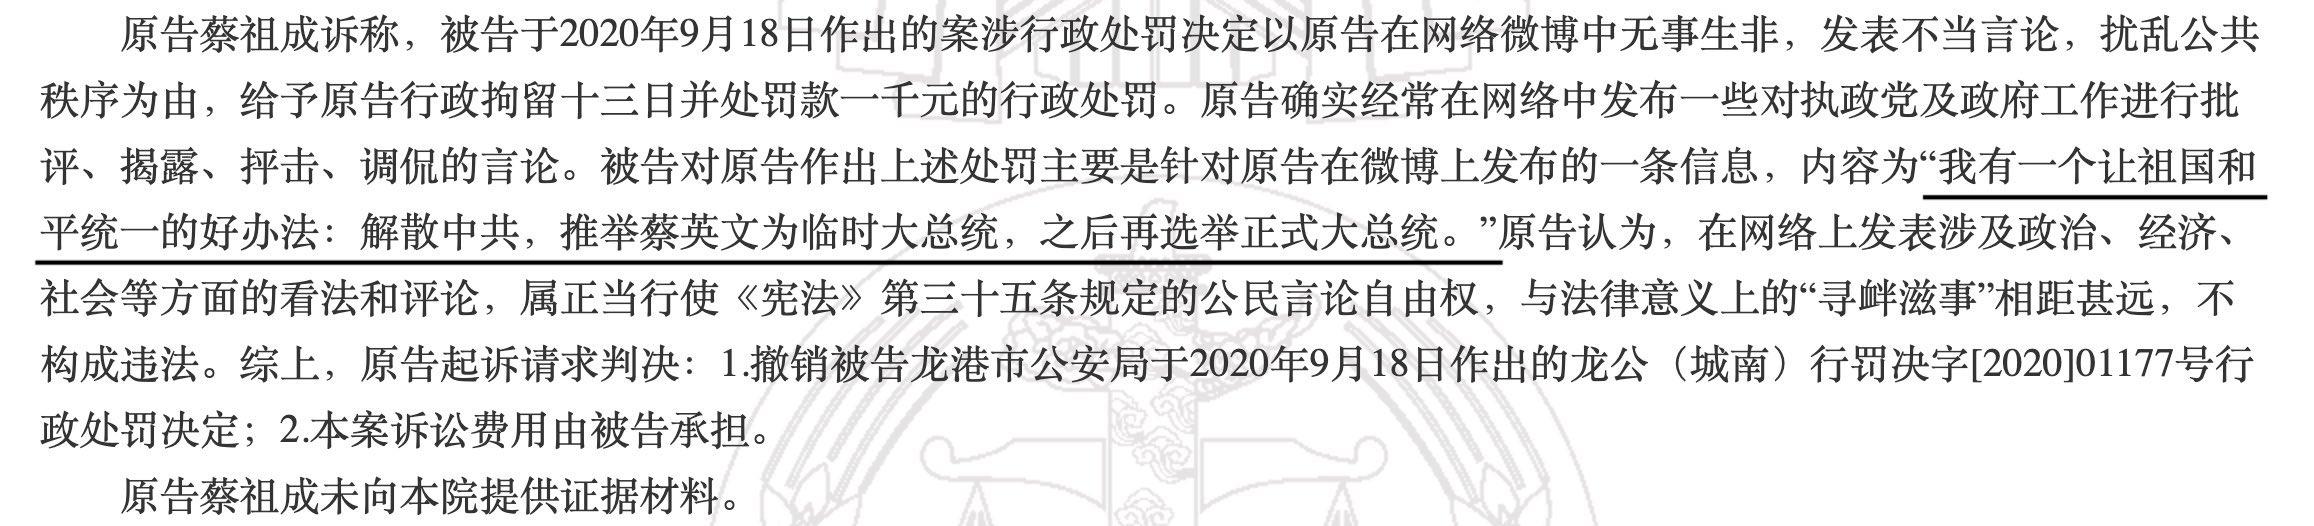 浙江省龍港市律師蔡祖成因在微博發帖提議「解散中共,推舉蔡英文為臨時大總統」,遭到拘留和罰款。(推特)